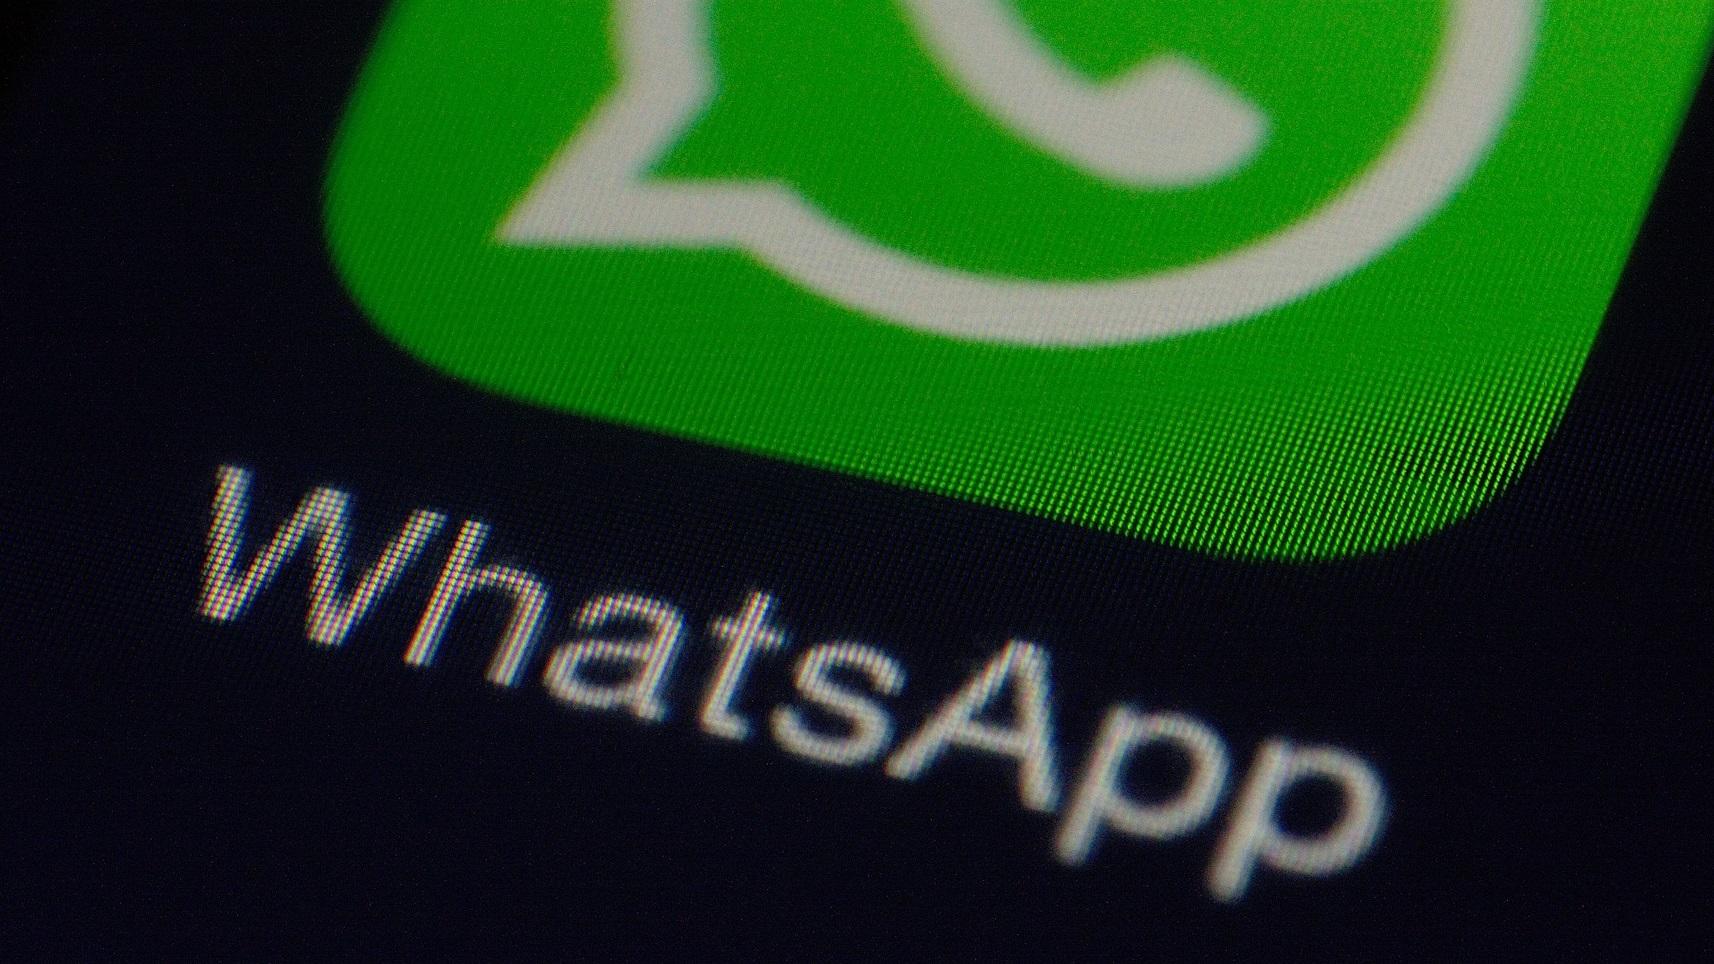 Pesquisador reparou que mensagens apagadas do WhatsApp permanecem no celular